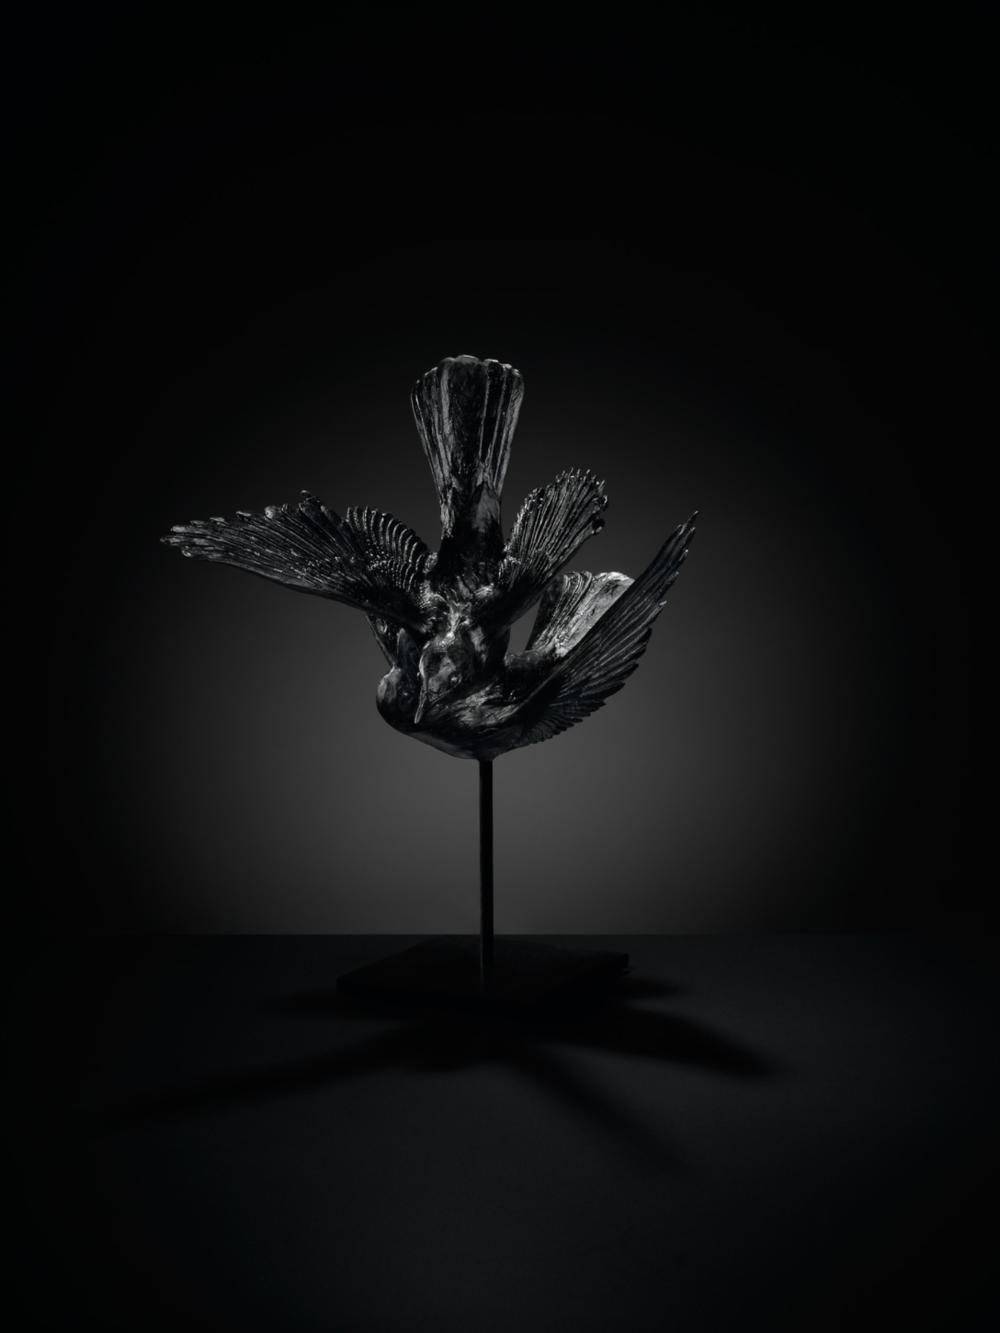 Katherine Rutecki, Black, 2014. Lost wax, cast lead crystal, steel mount